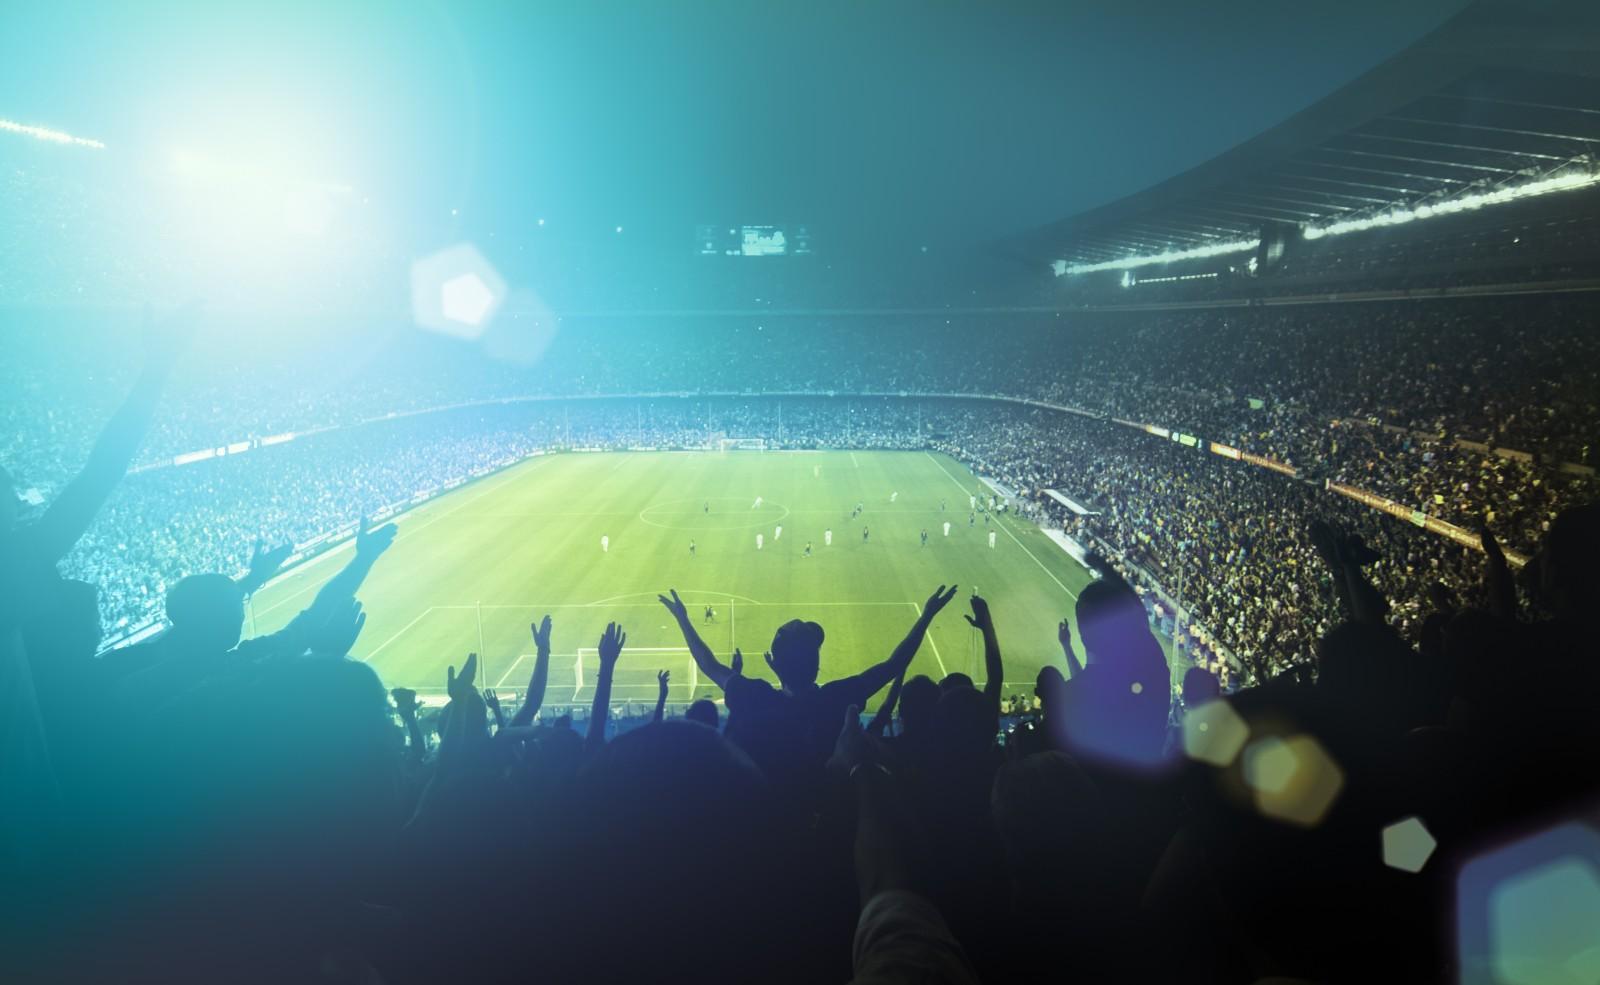 c904cc8db6e11 G18 as maiores torcidas do Brasil - Universidade do Futebol